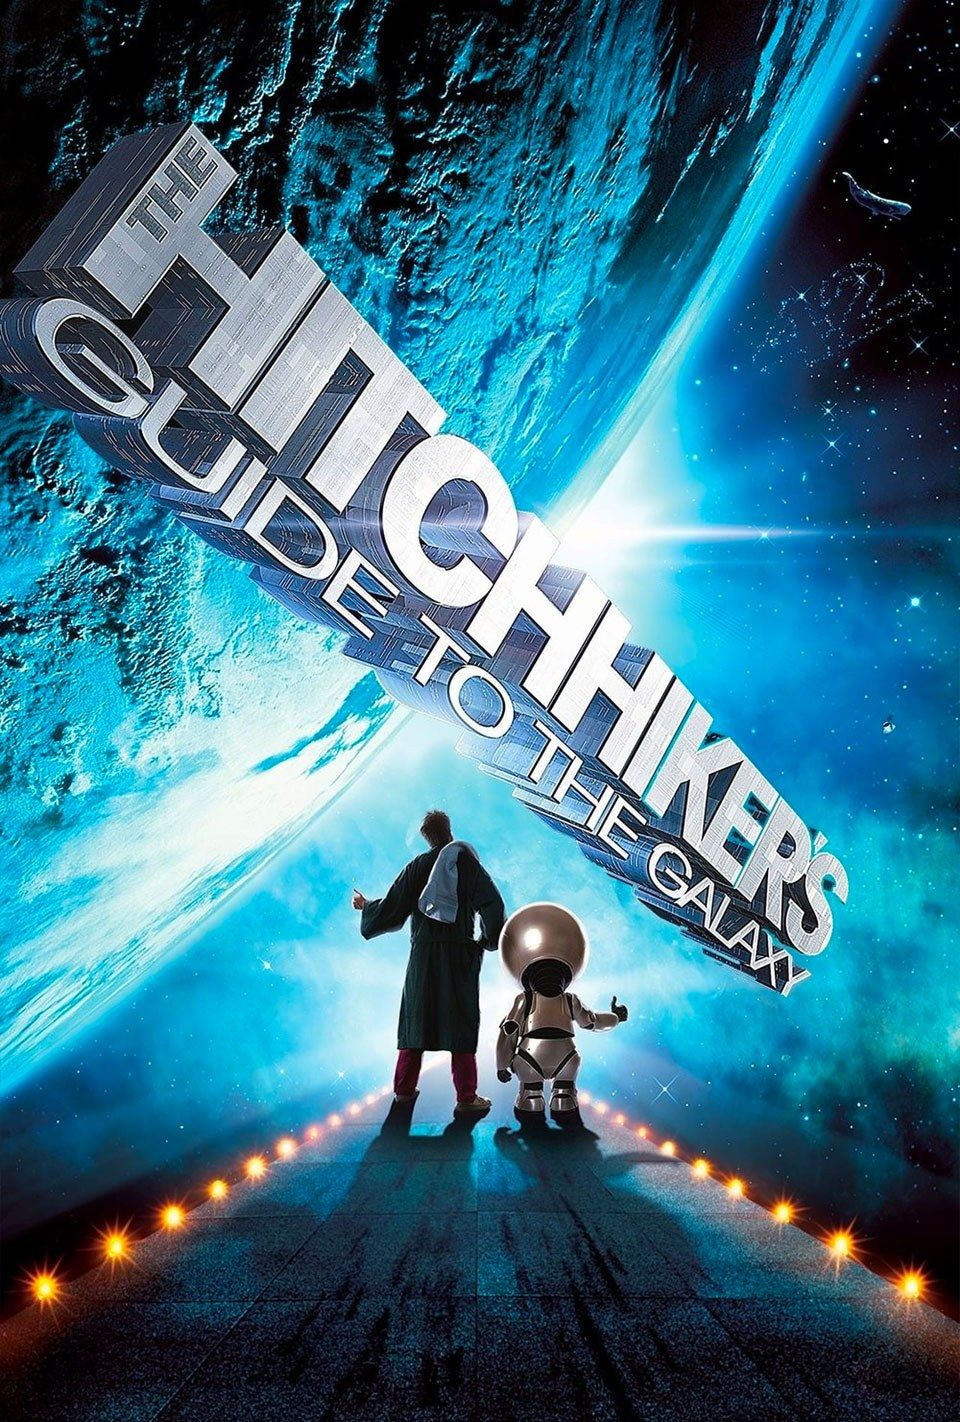 Interstellar 2014 Streaming Ita Cb01 Film Completo Cinema Guarda Interstellar Italiano 2014 Film Streaming Altadefinizione Interstellar Cinema Film